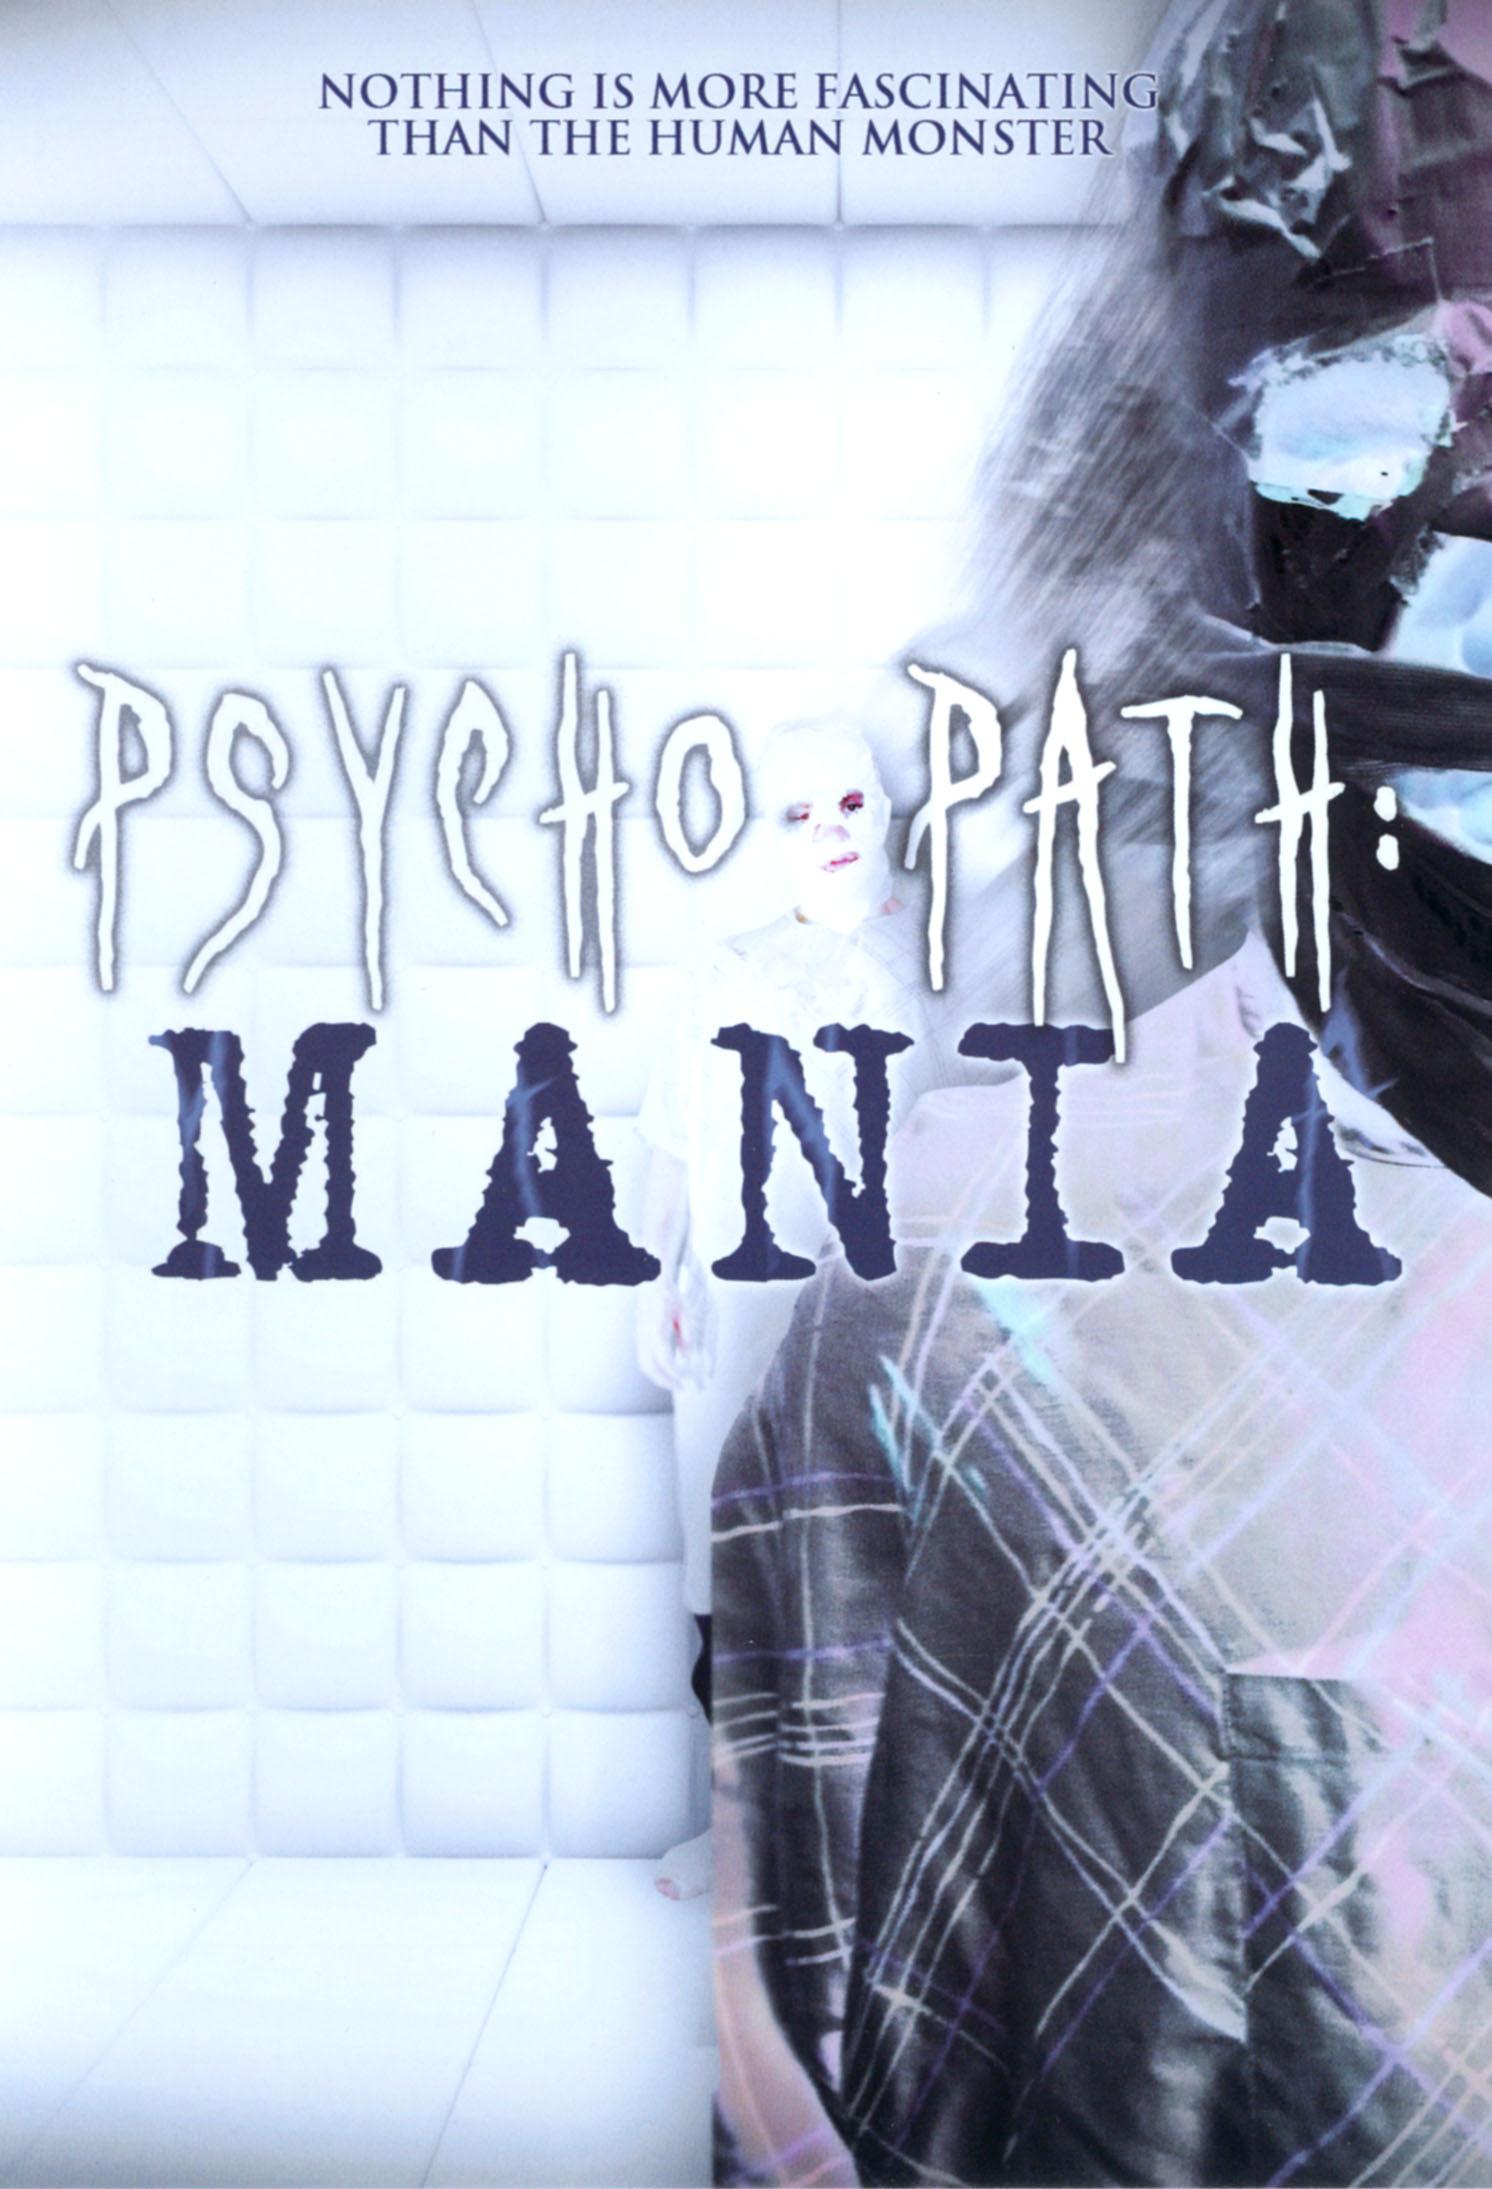 Psychopath: Mania